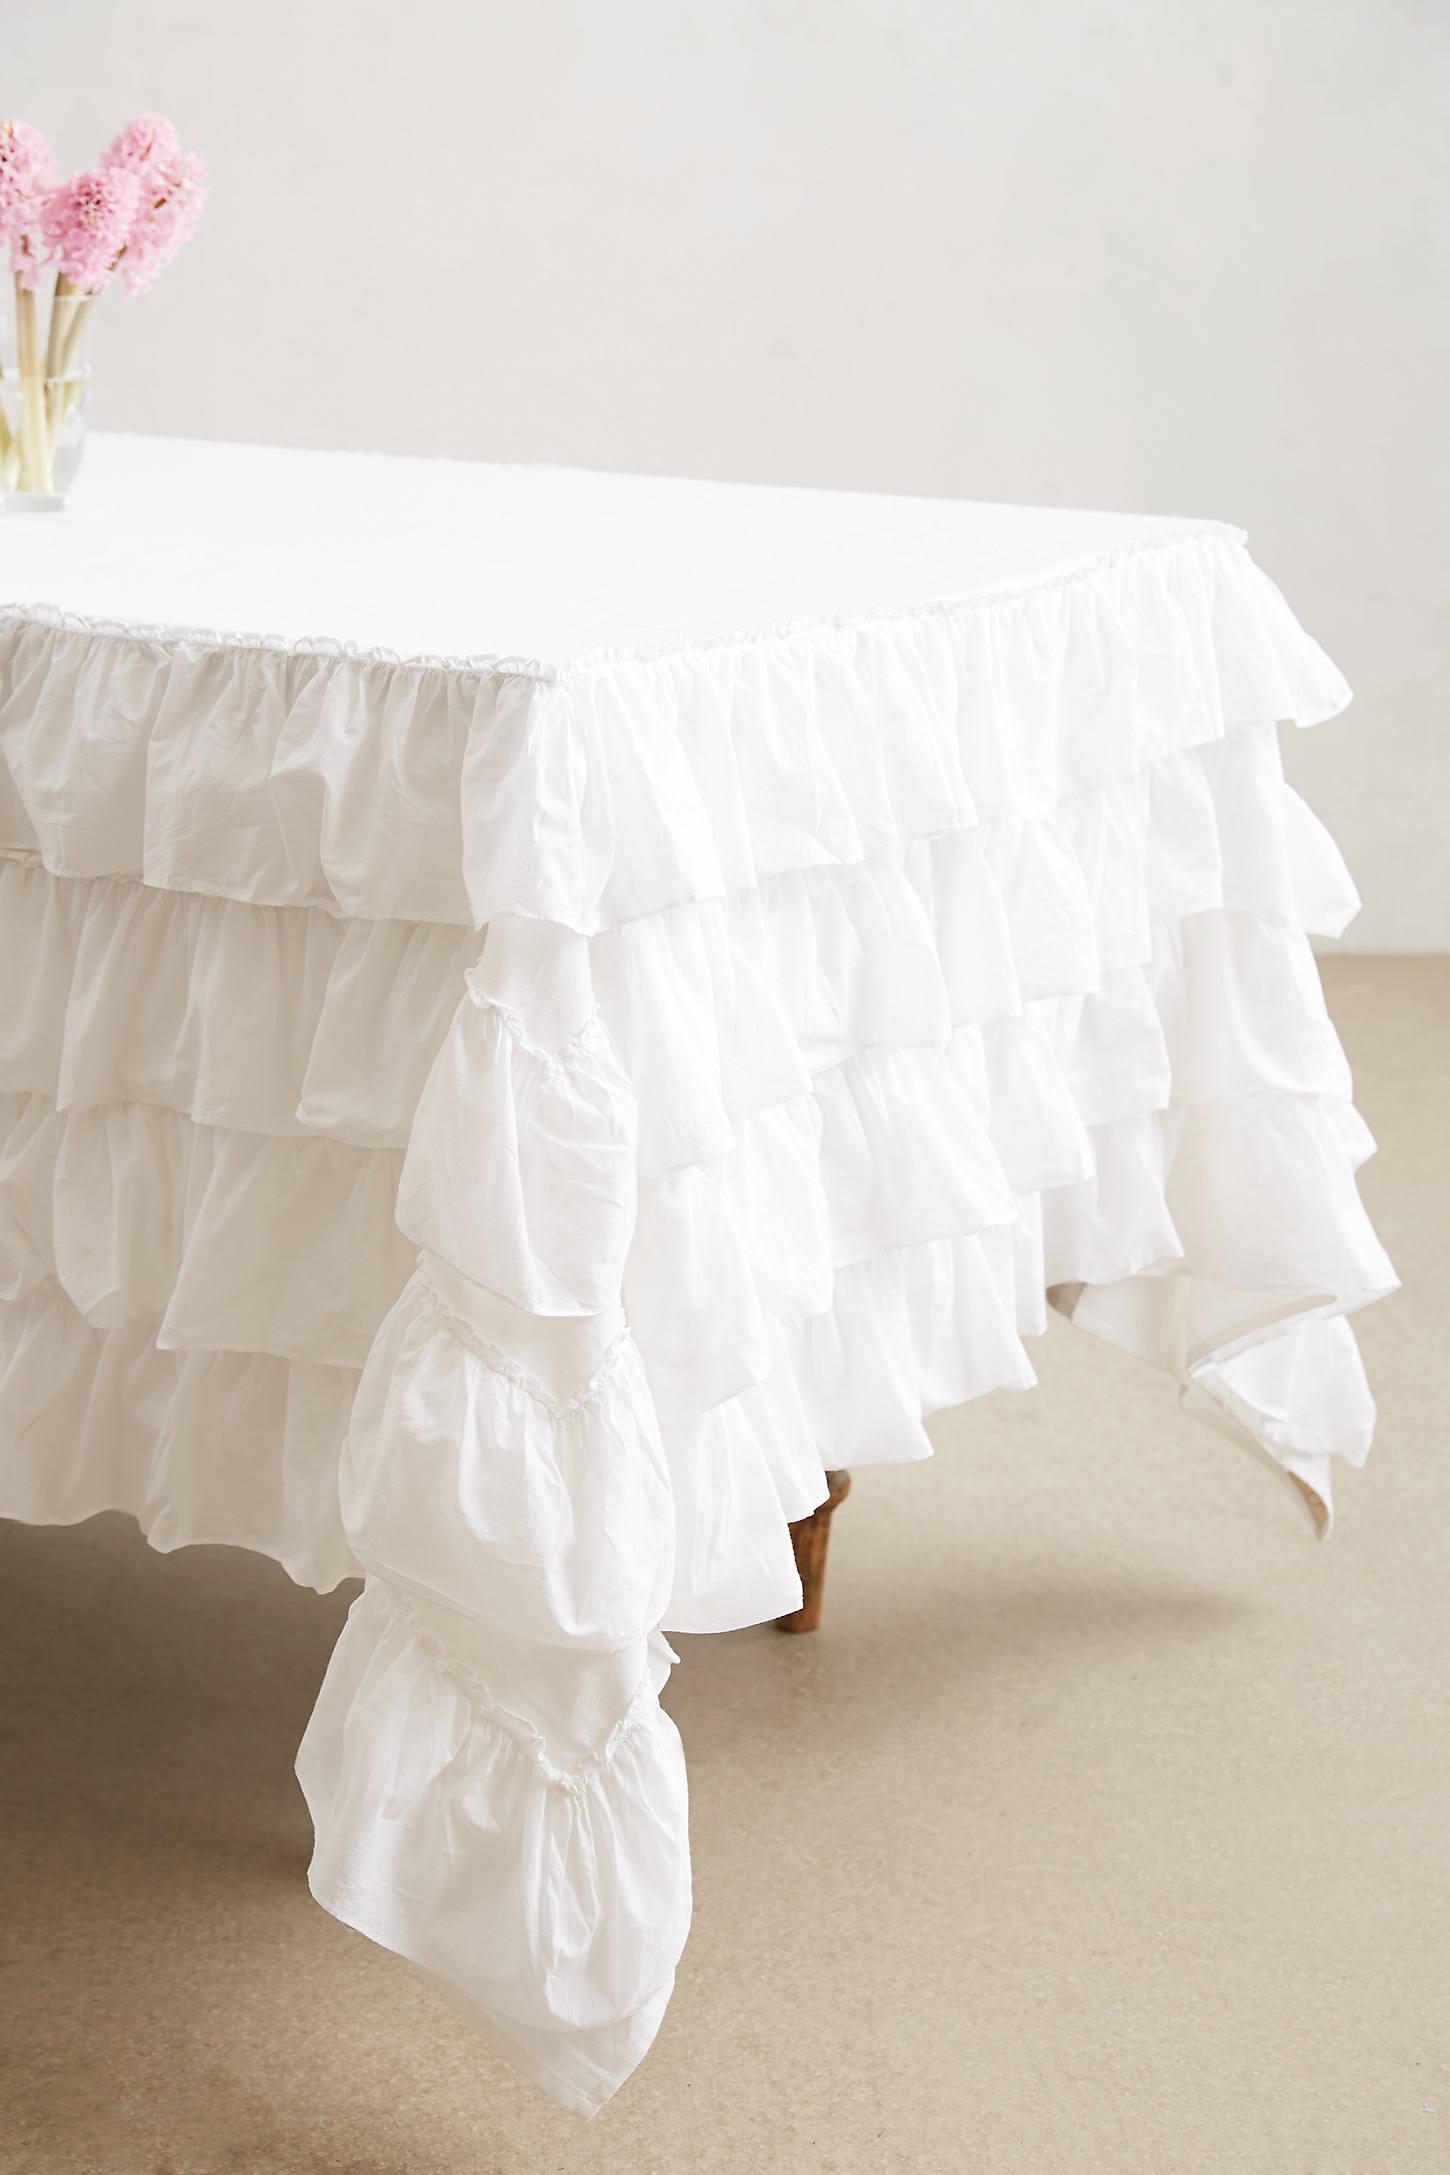 Petticoat Tablecloth